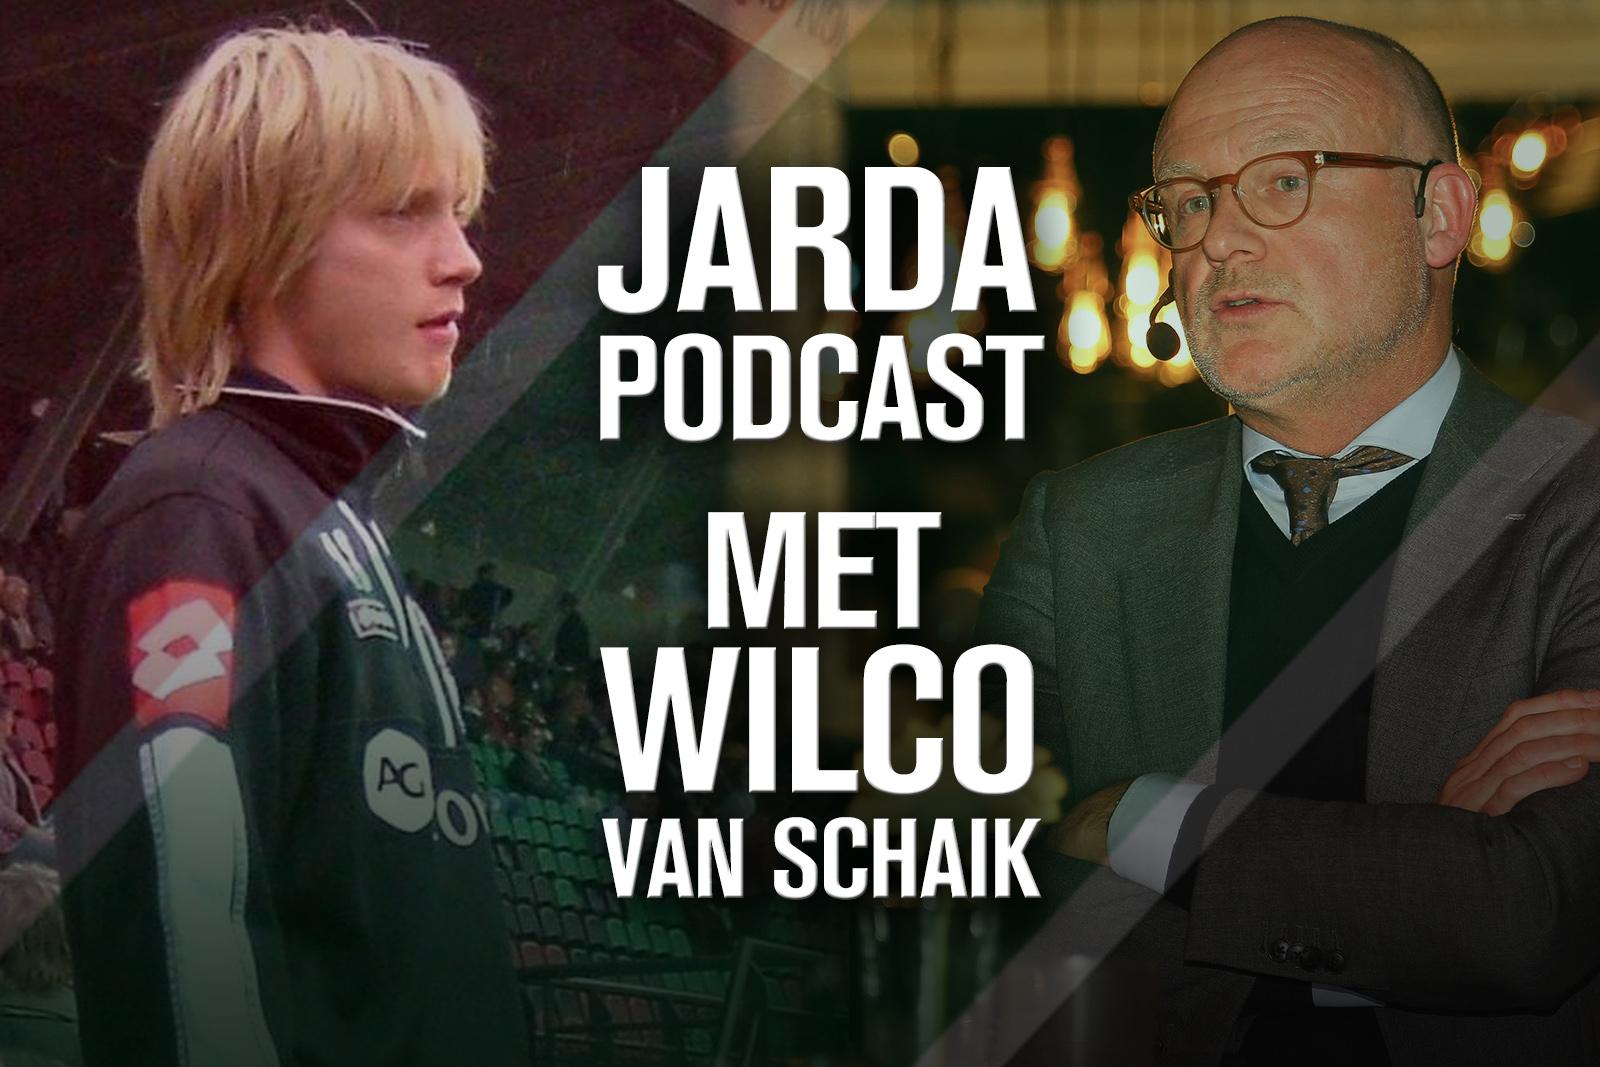 Jarda Podcast #15: In gesprek met Wilco van Schaik